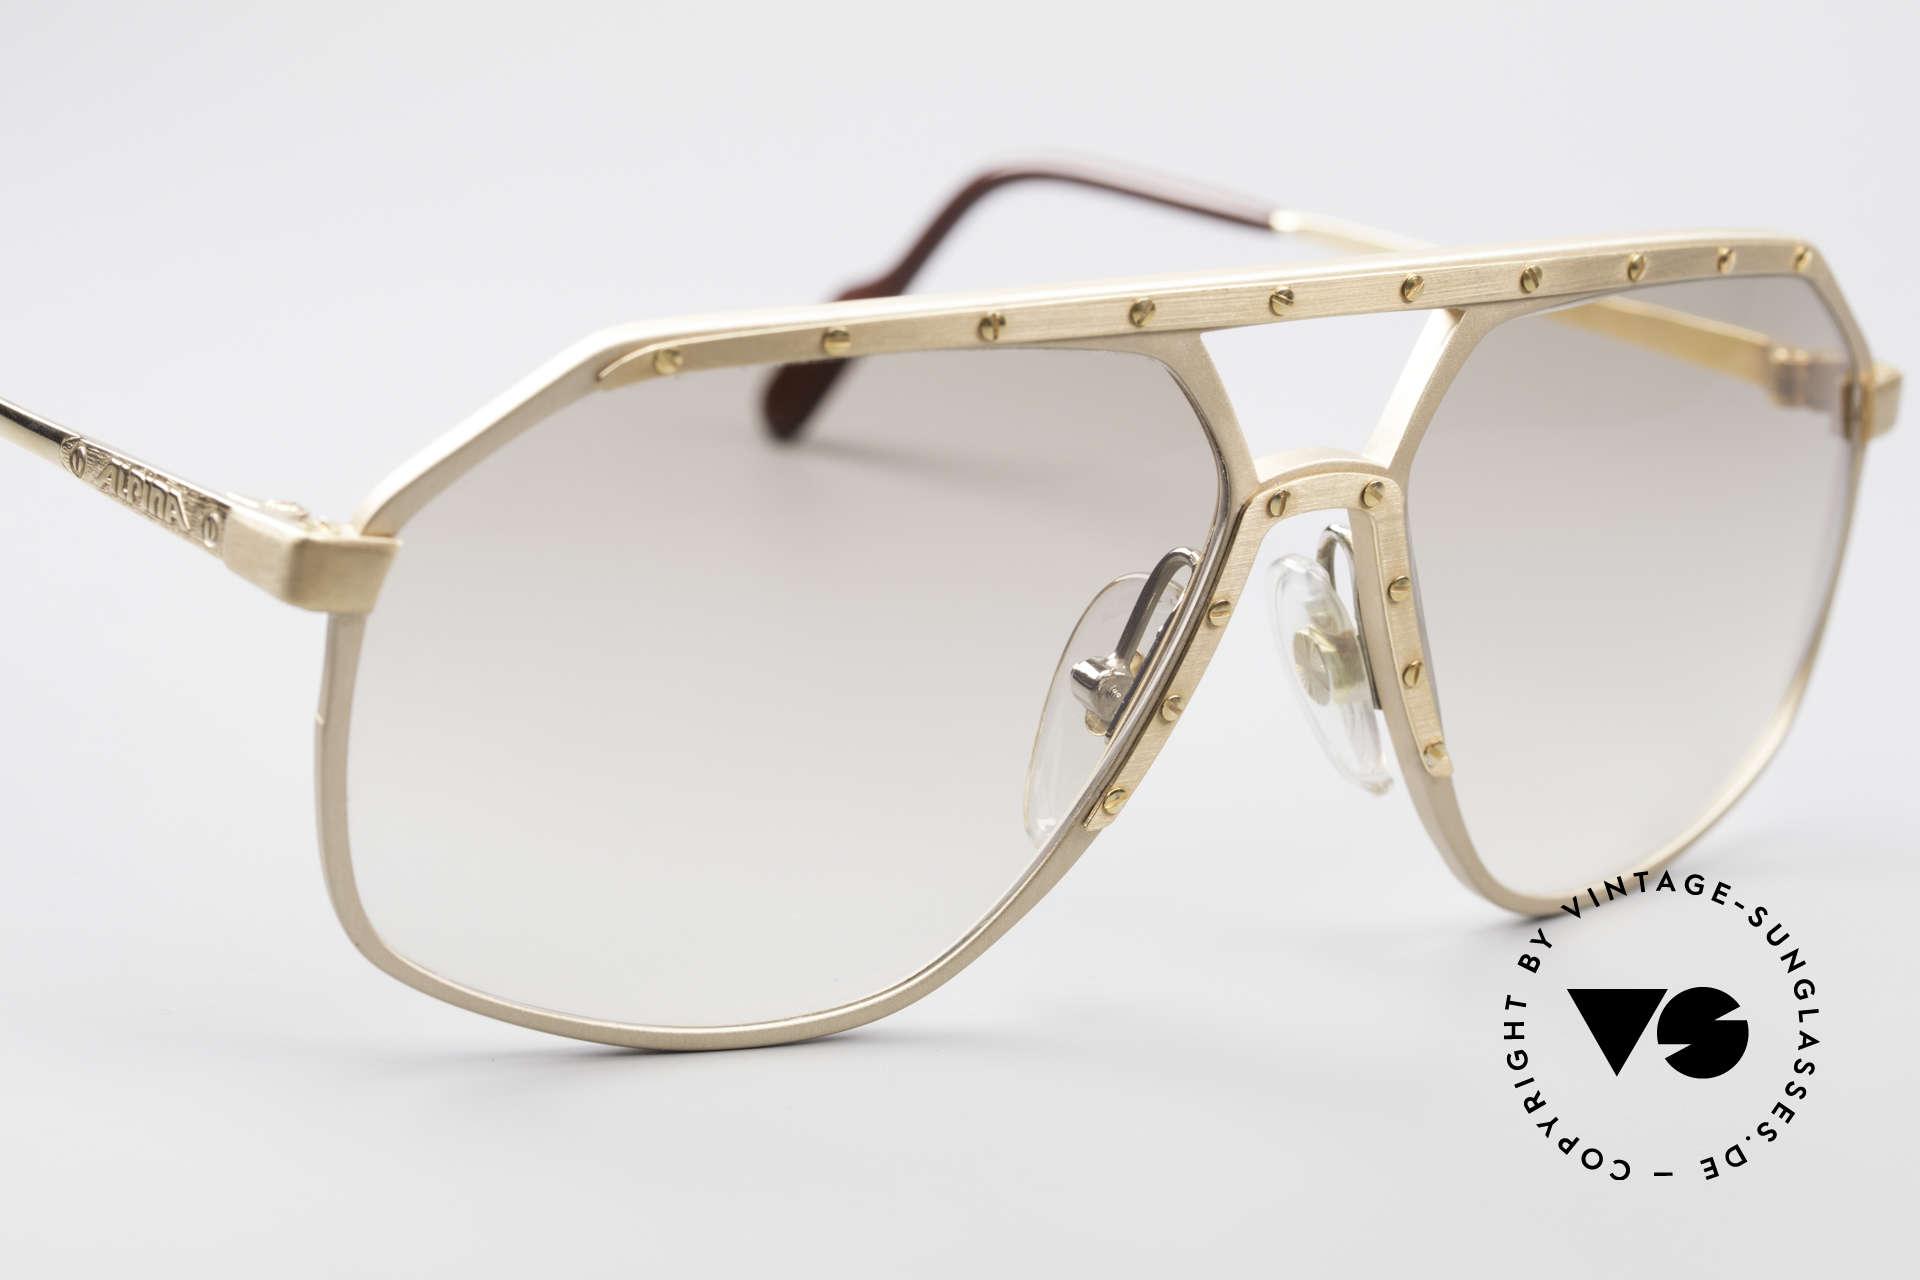 Alpina M6 Echte Alte 80er Vintage Brille, ungetragen (wie alle unsere Alpina Designerbrillen), Passend für Herren